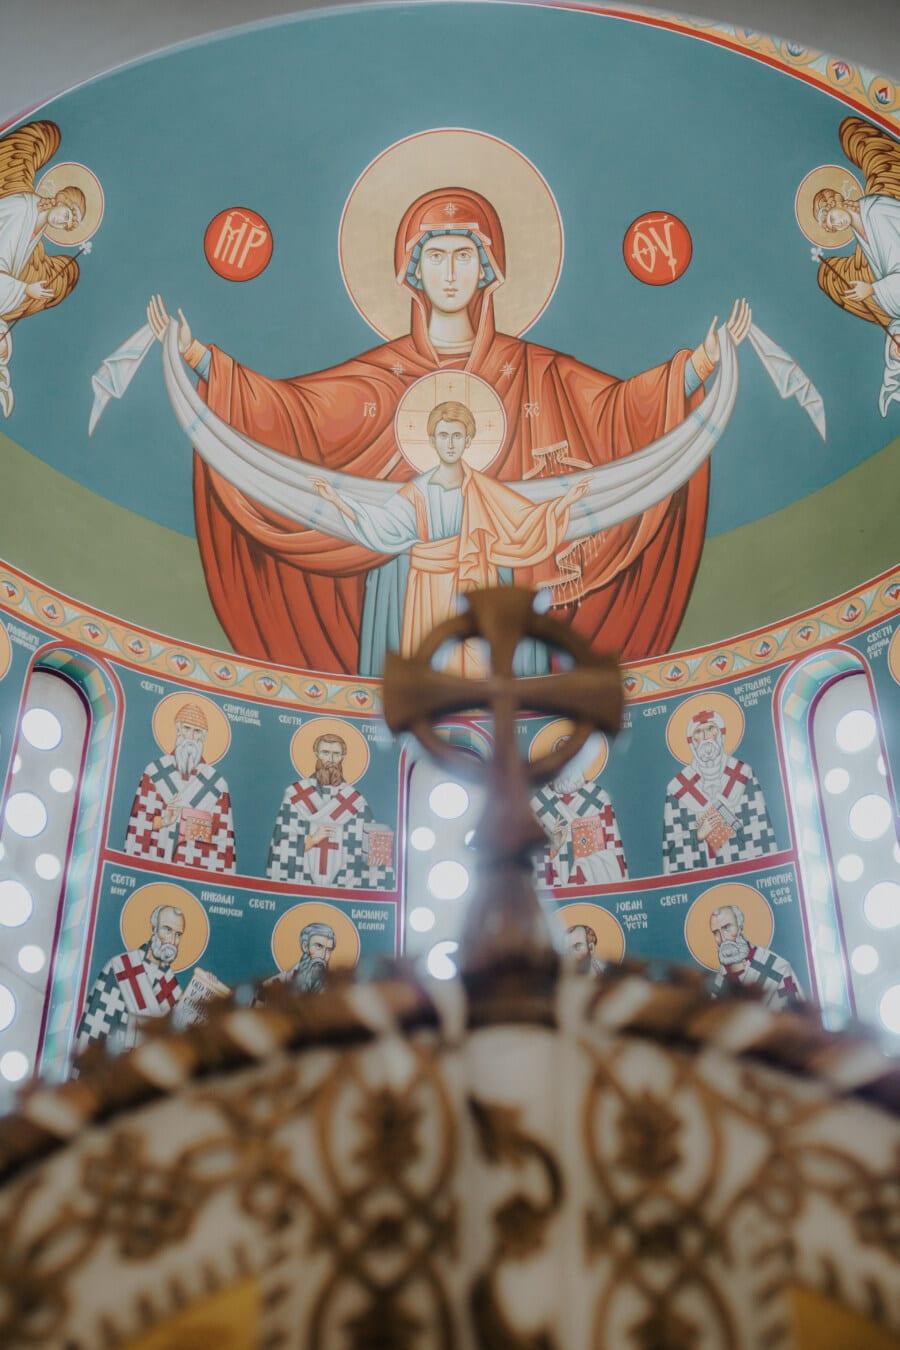 beaux arts, peinture murale, orthodoxe, religion, Saint, Christ, Christianisme, décoration d'intérieur, au plafond, coloré